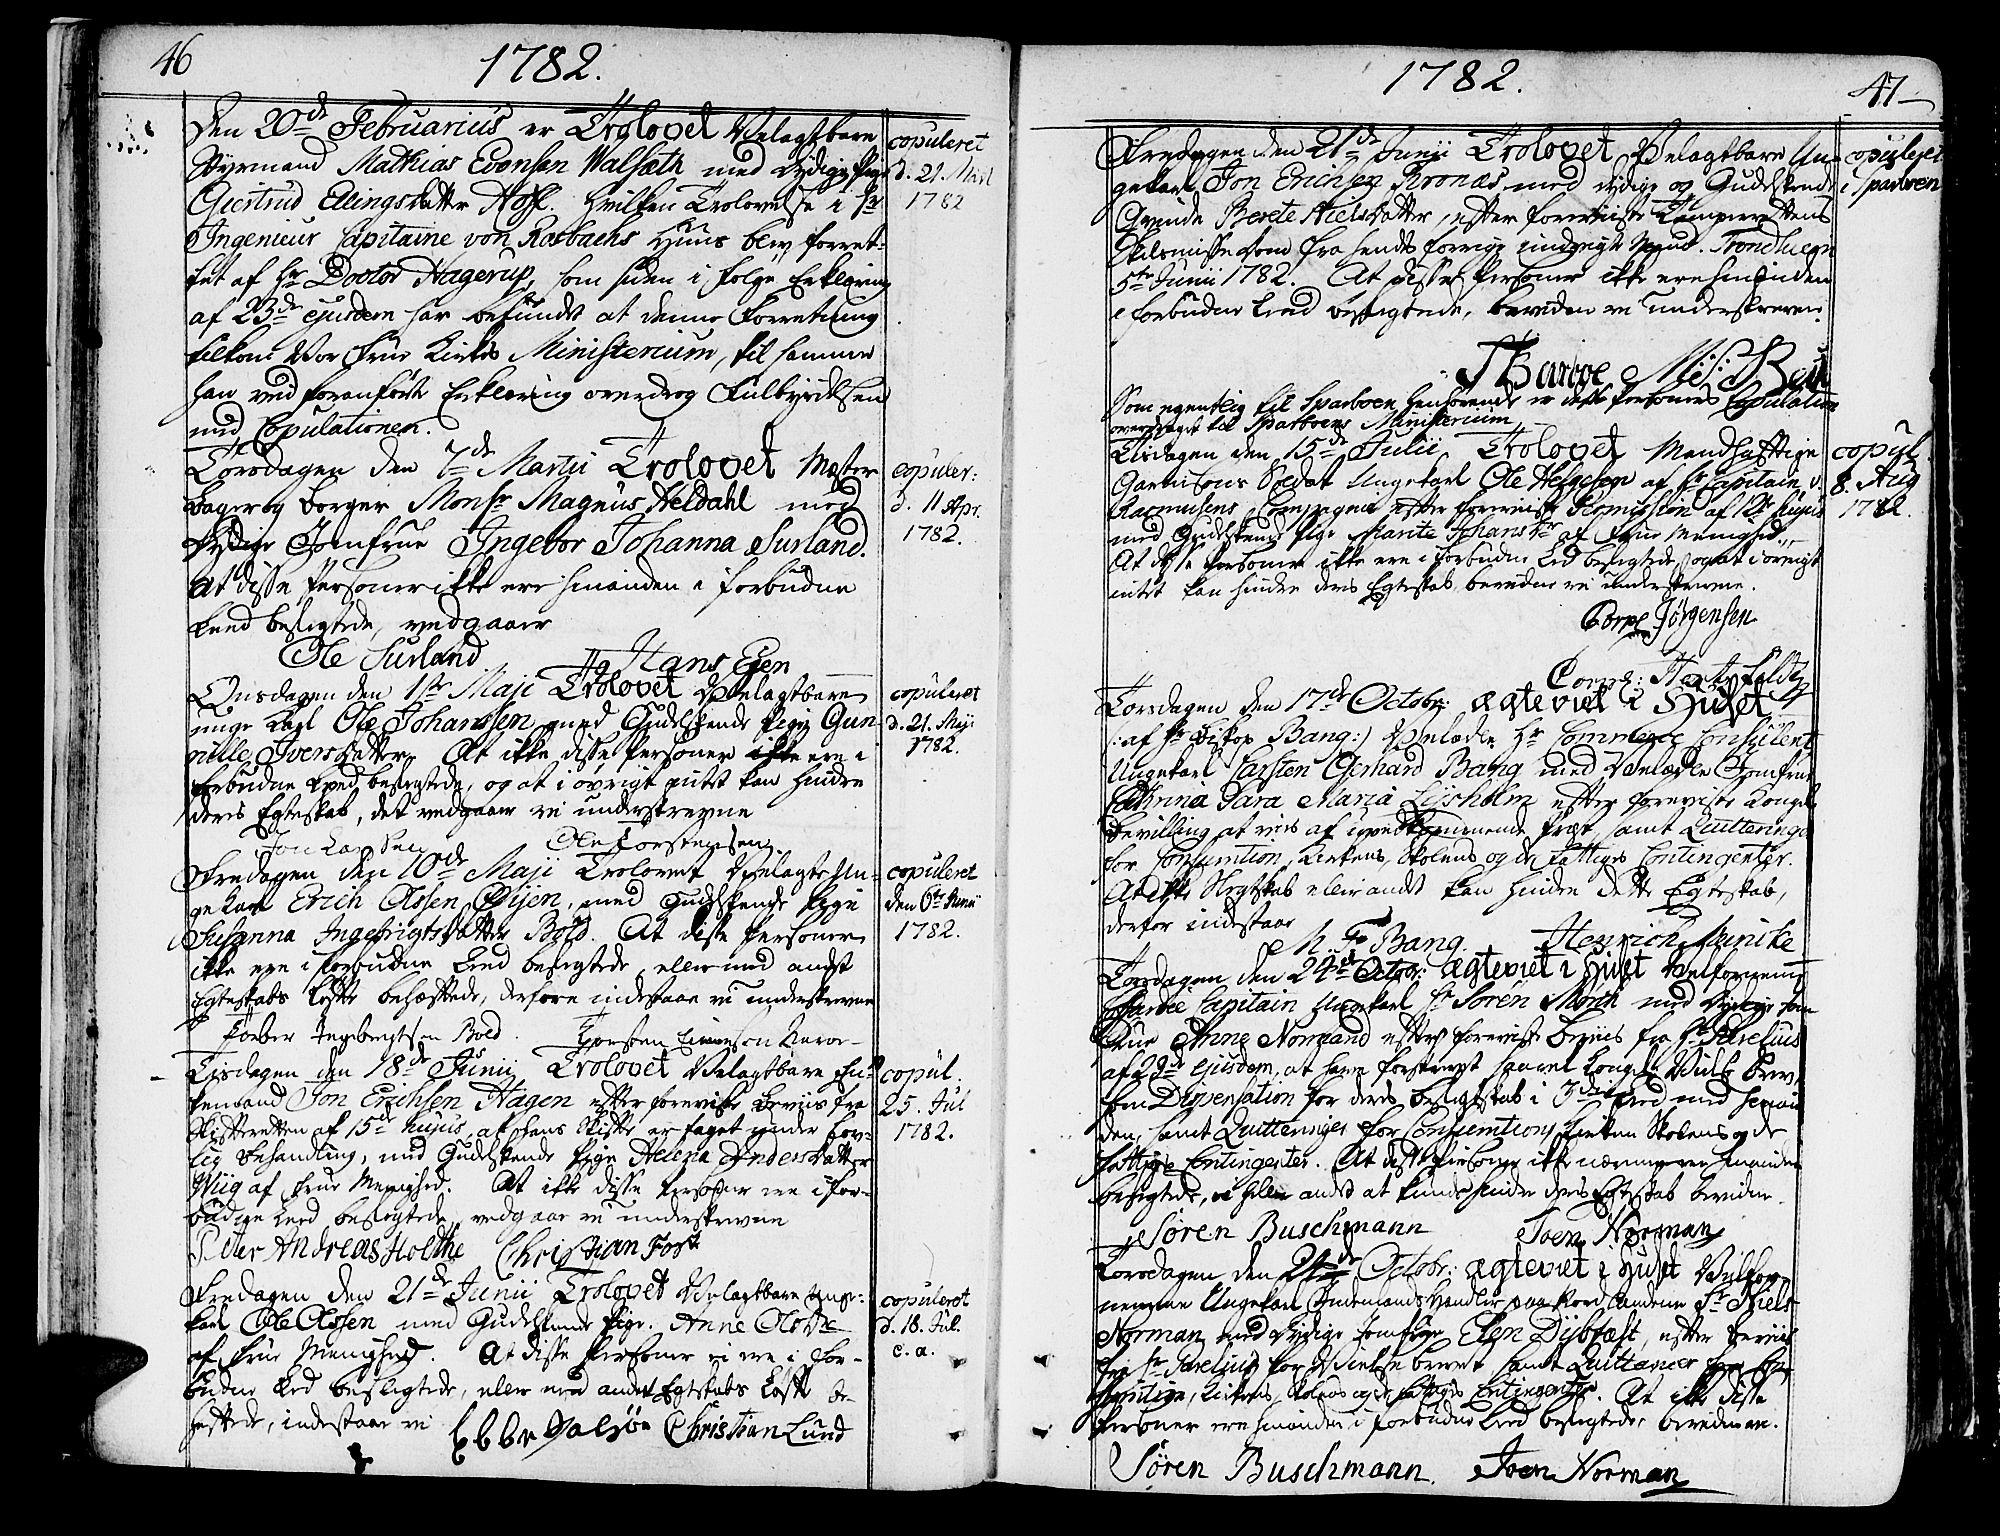 SAT, Ministerialprotokoller, klokkerbøker og fødselsregistre - Sør-Trøndelag, 602/L0105: Ministerialbok nr. 602A03, 1774-1814, s. 46-47